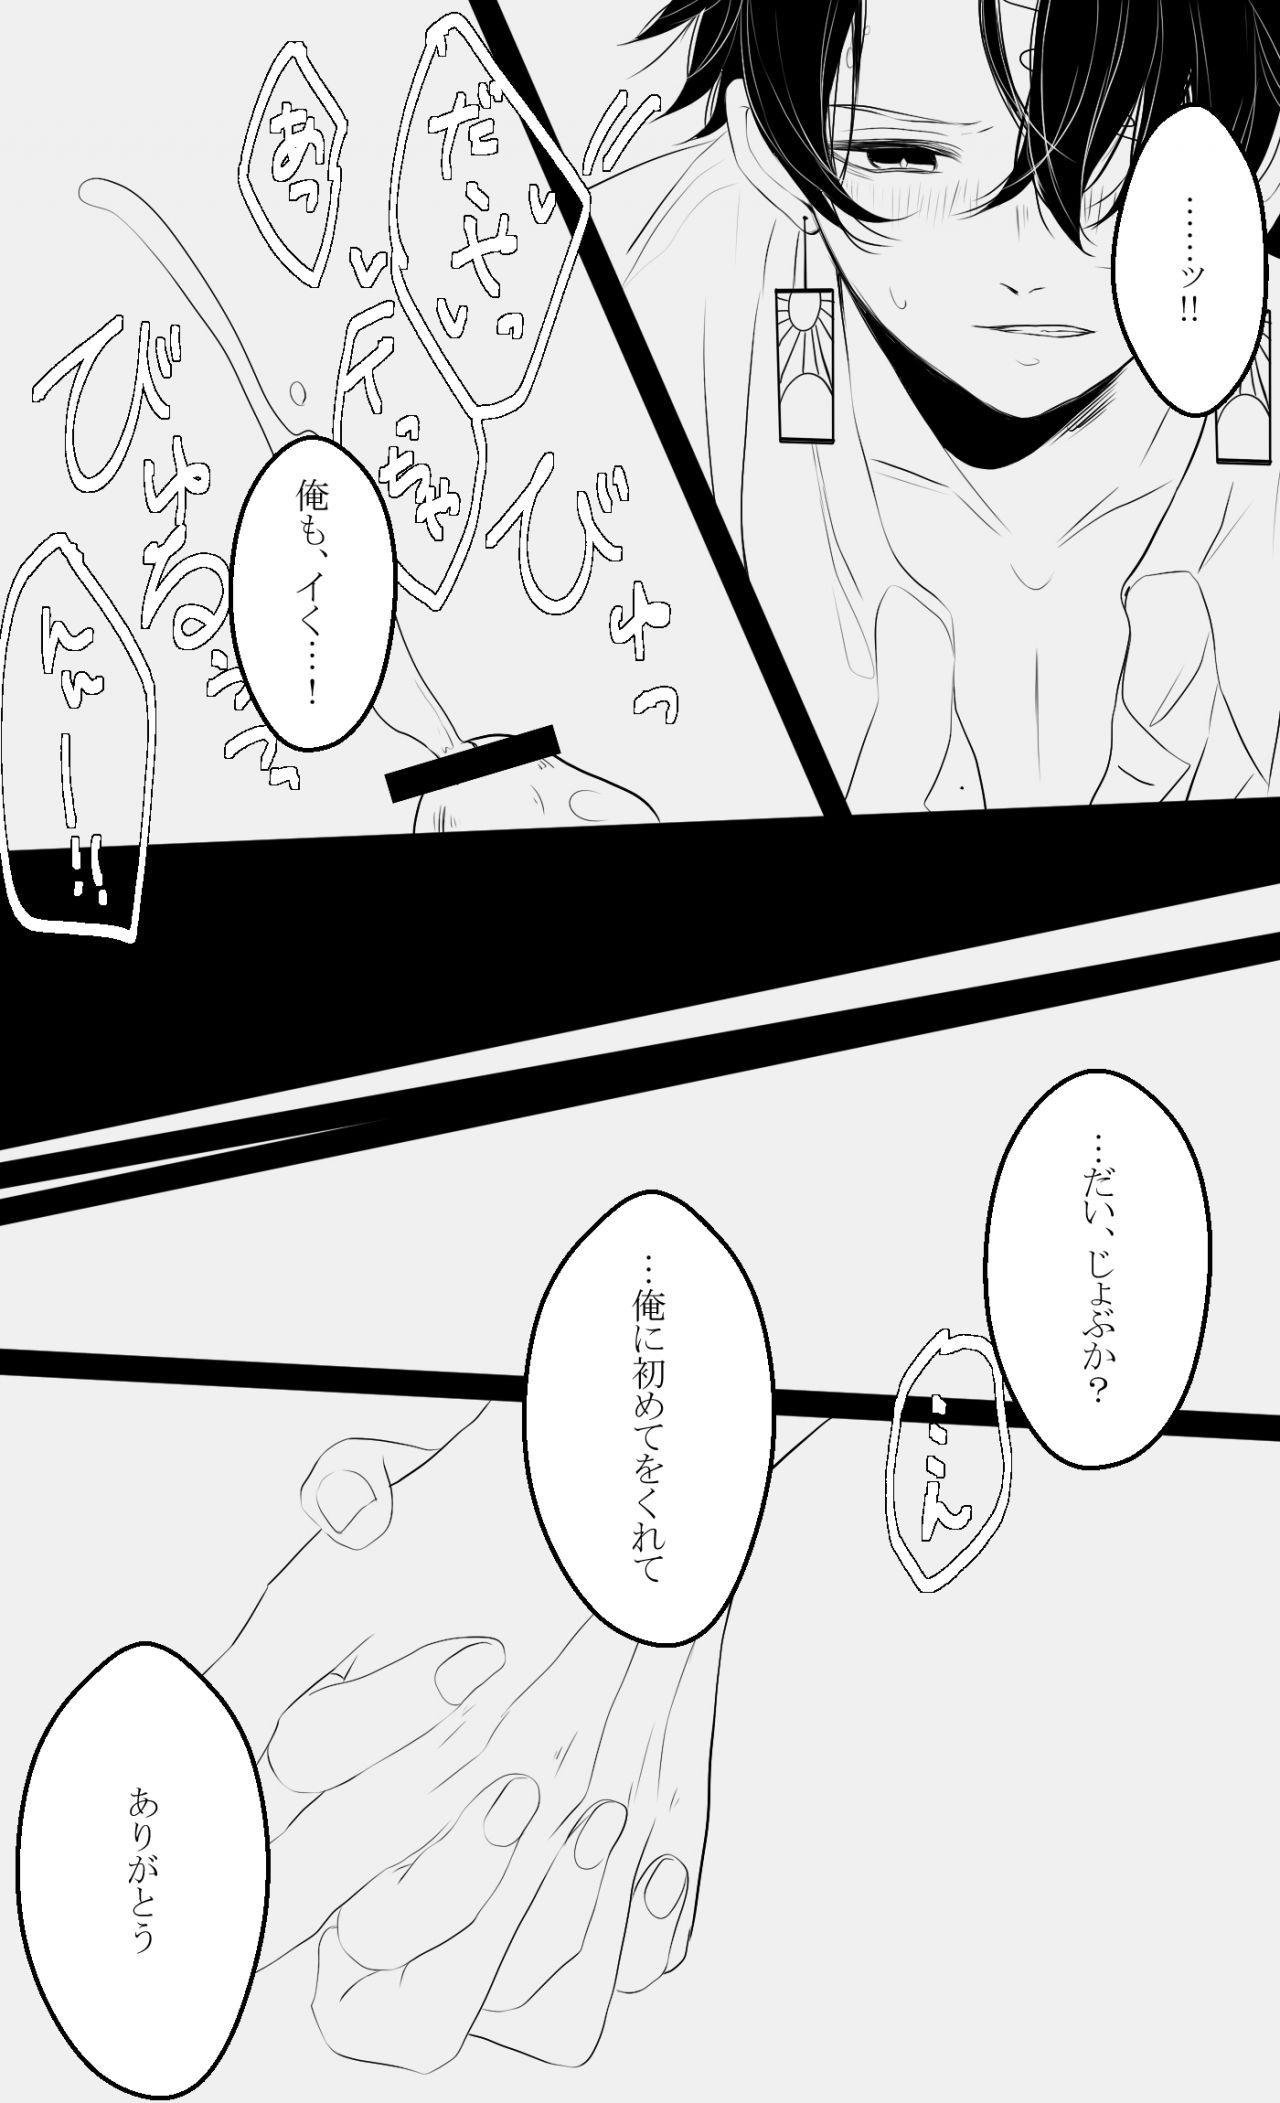 あの二人の初夜 privatter キス 漫画 善逸 アニメ アニメデッサン